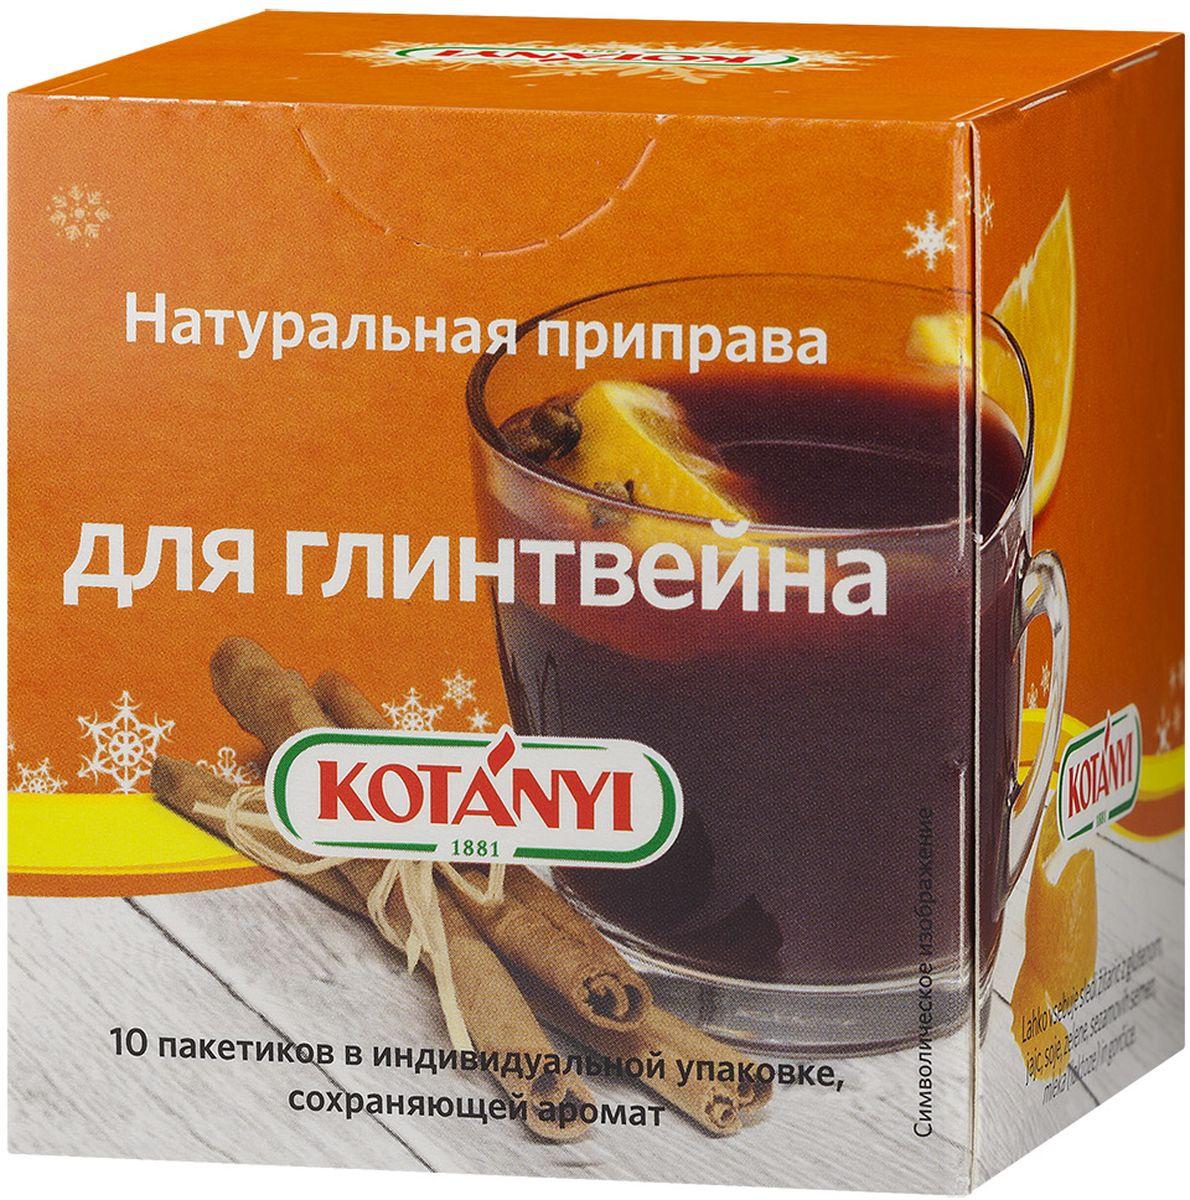 Kotanyi натуральная приправа для глинтвейна, 10 пакетиков по 1,5 г  #1